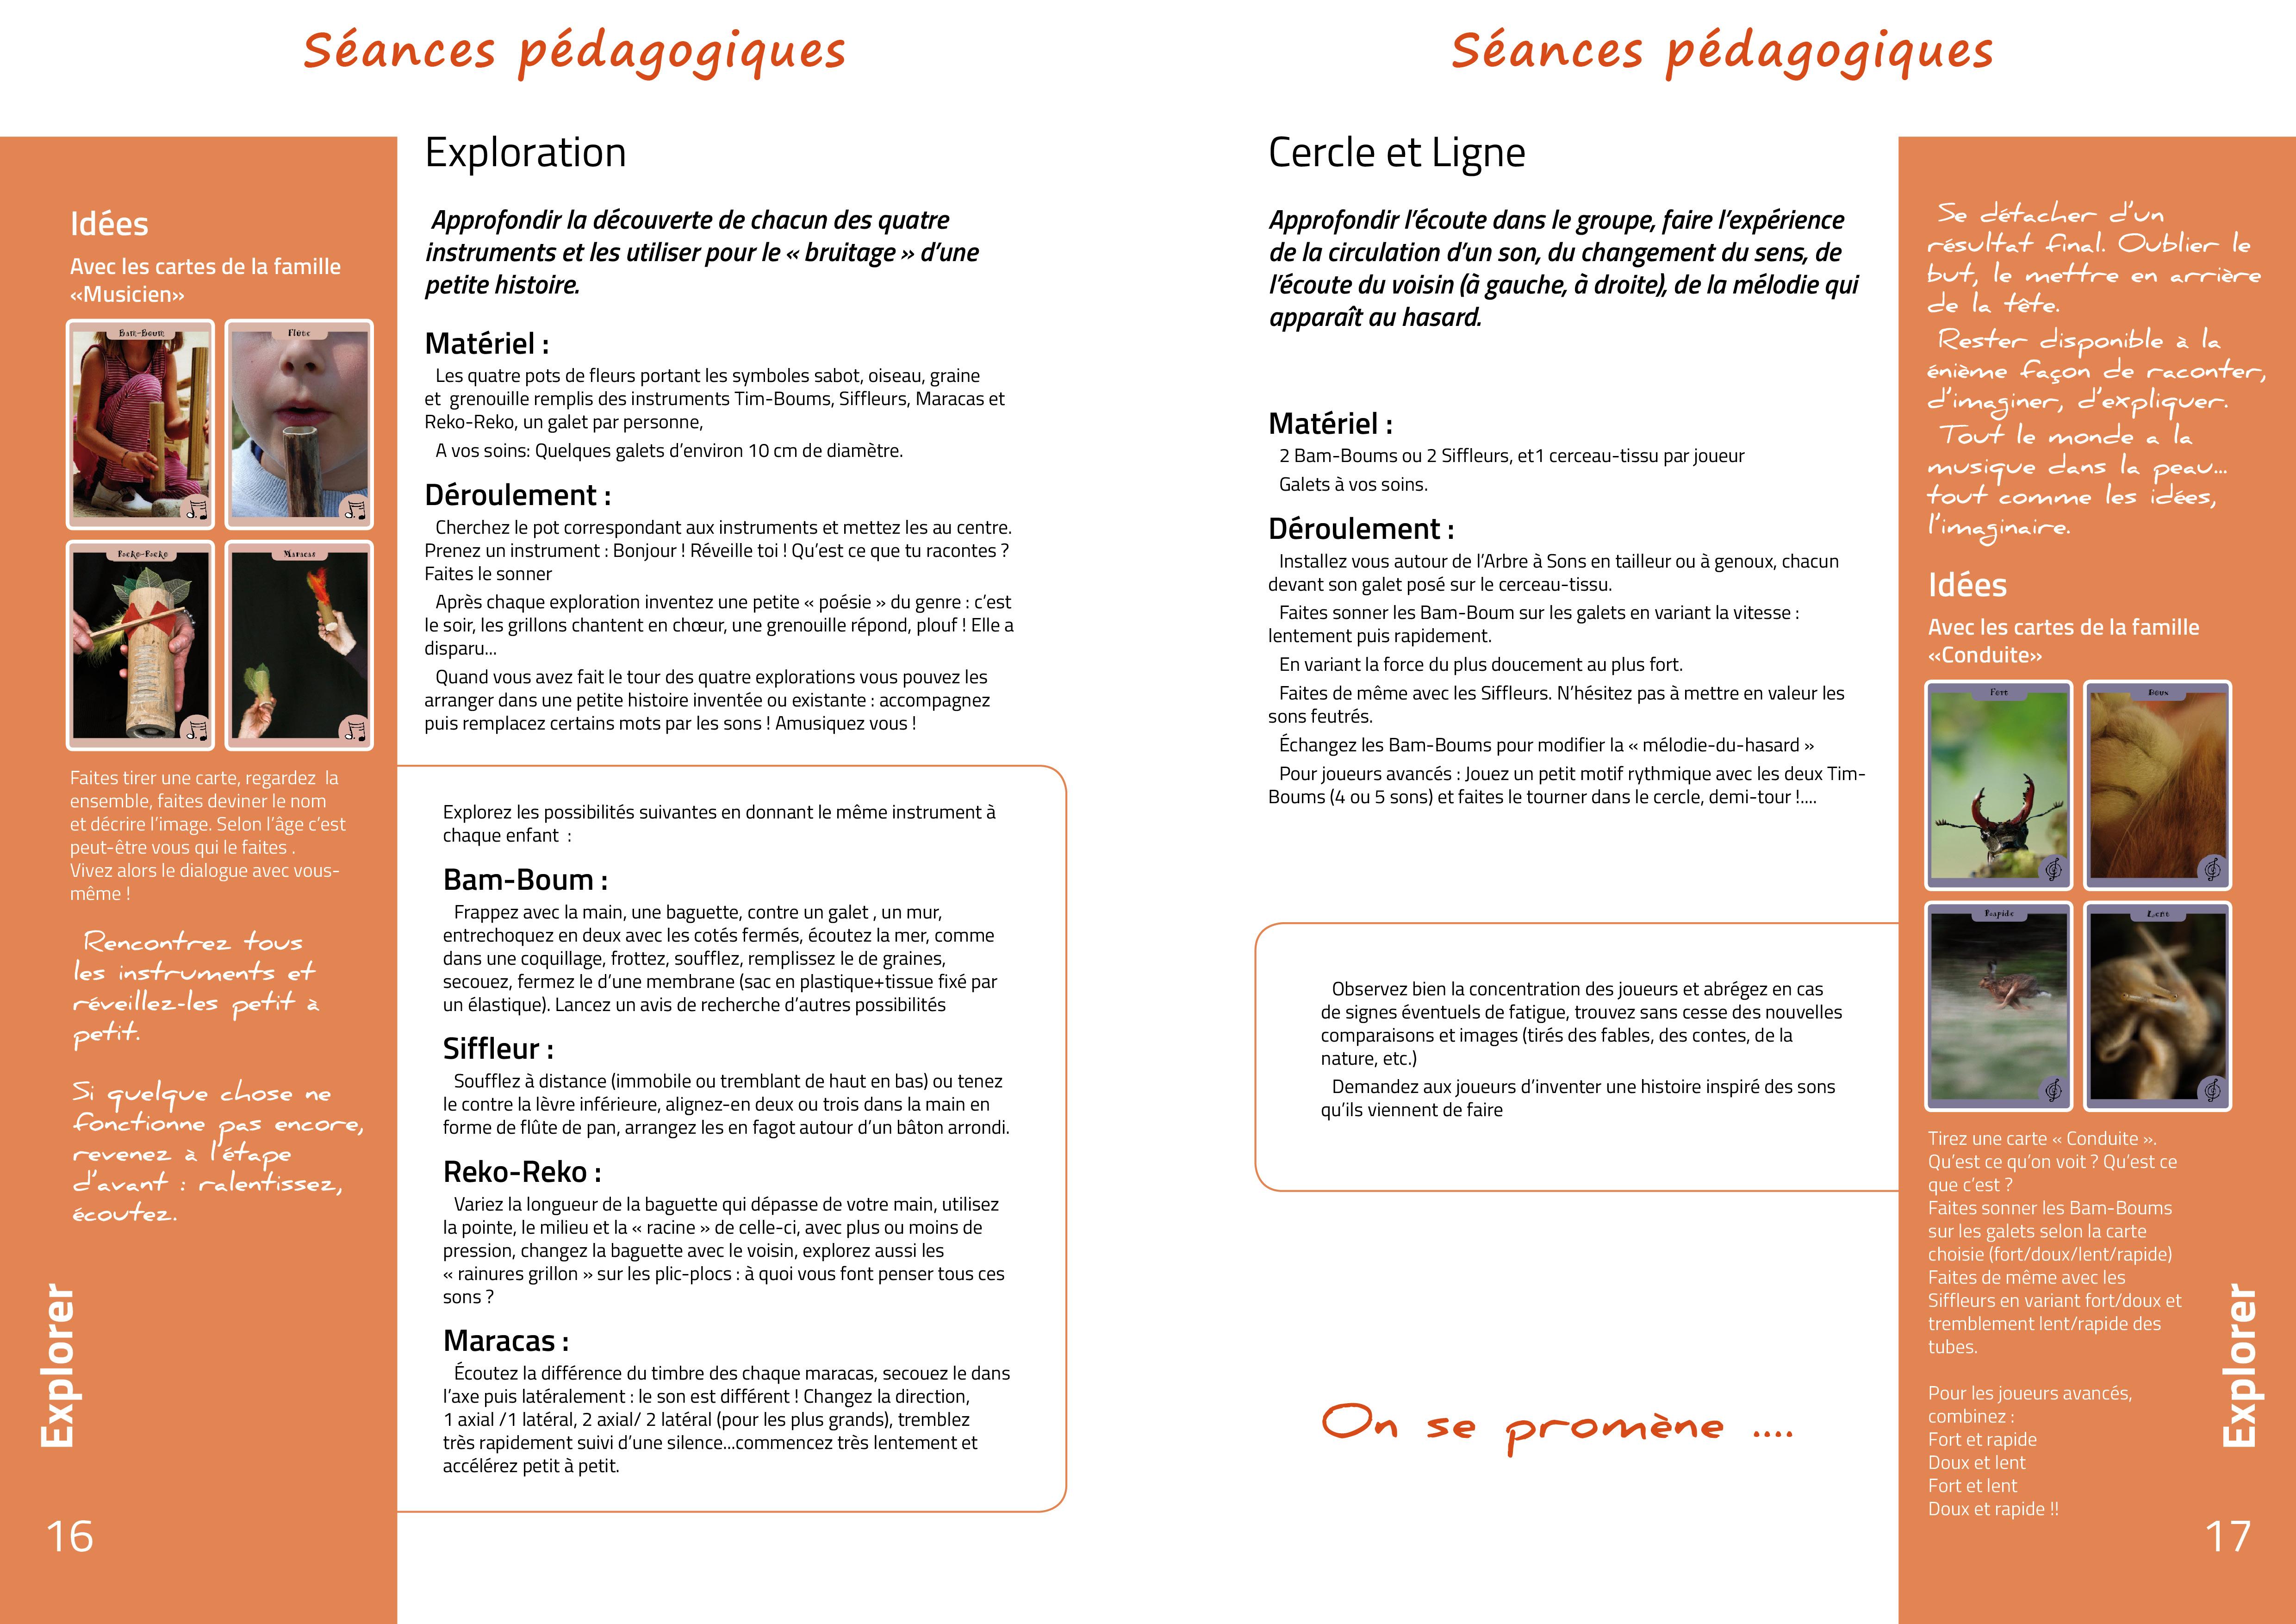 Manuel_Pépinière_pages_lulu10.jpg